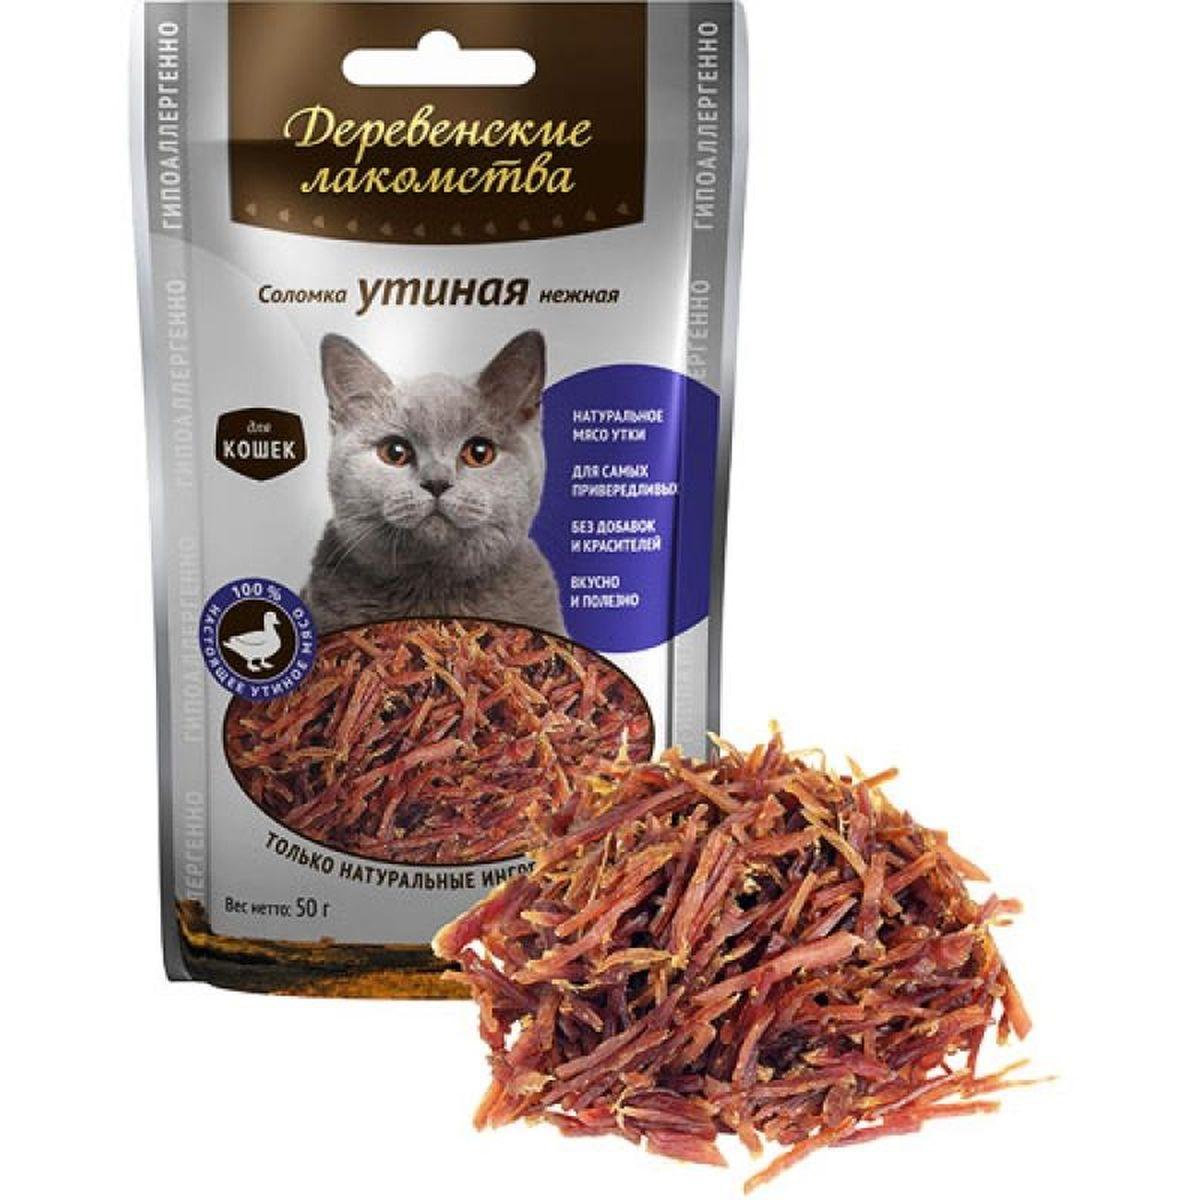 Лакомство для кошек Деревенские лакомства, соломка утиная нежная, 50 г101246Лакомство для кошек. Нежную утиную соломку можно использовать как отдельное лакомство, а можно добавлять в основной корм. Попробуйте — от такого корма не откажется никто!Состав: мясо утки.Гарантированные показатели на 100 г продукта:белок — 40,90 г,жир — 2,77 г,влага — 23,00 г,клетчатка — 0,39 г.Энергетическая ценность в 100 г продукта: 204,5 ккал. Товар сертифицирован.